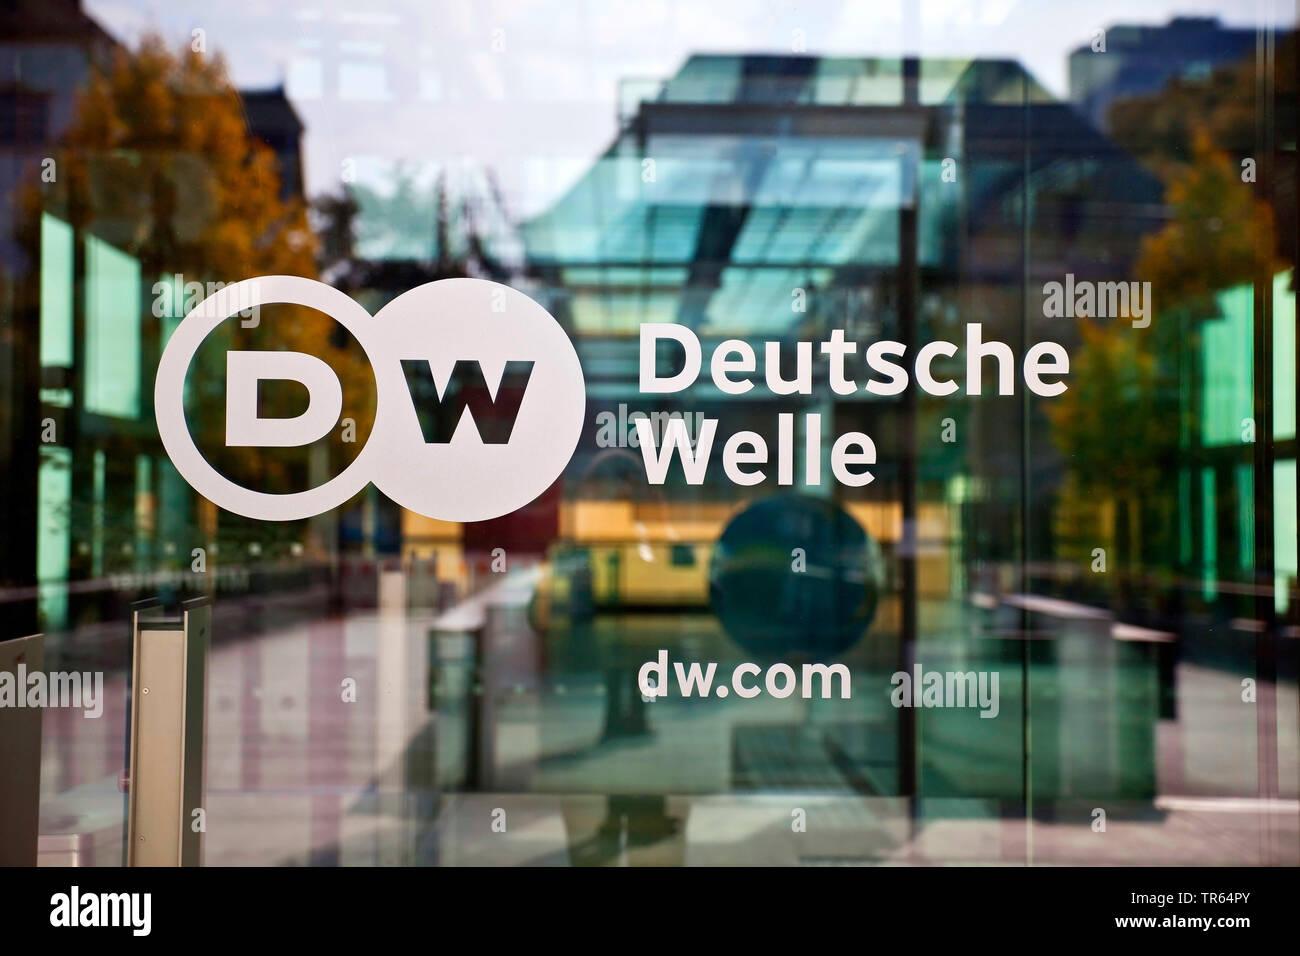 Logo Deutsche Welle an der Glastuer zum Hauptsitz des Rundfunksenders, Deutschland, Nordrhein-Westfalen, Bonn | logo of the German international broad - Stock Image